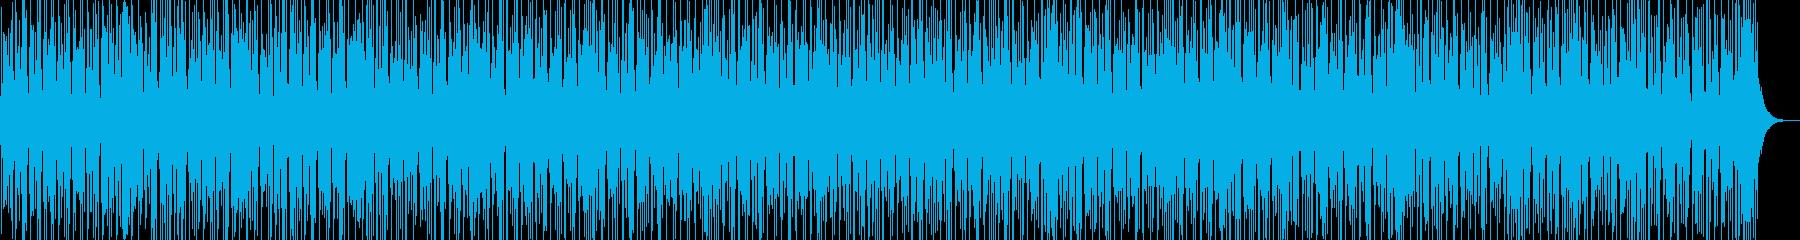 SonAfro リズムとギターの再生済みの波形